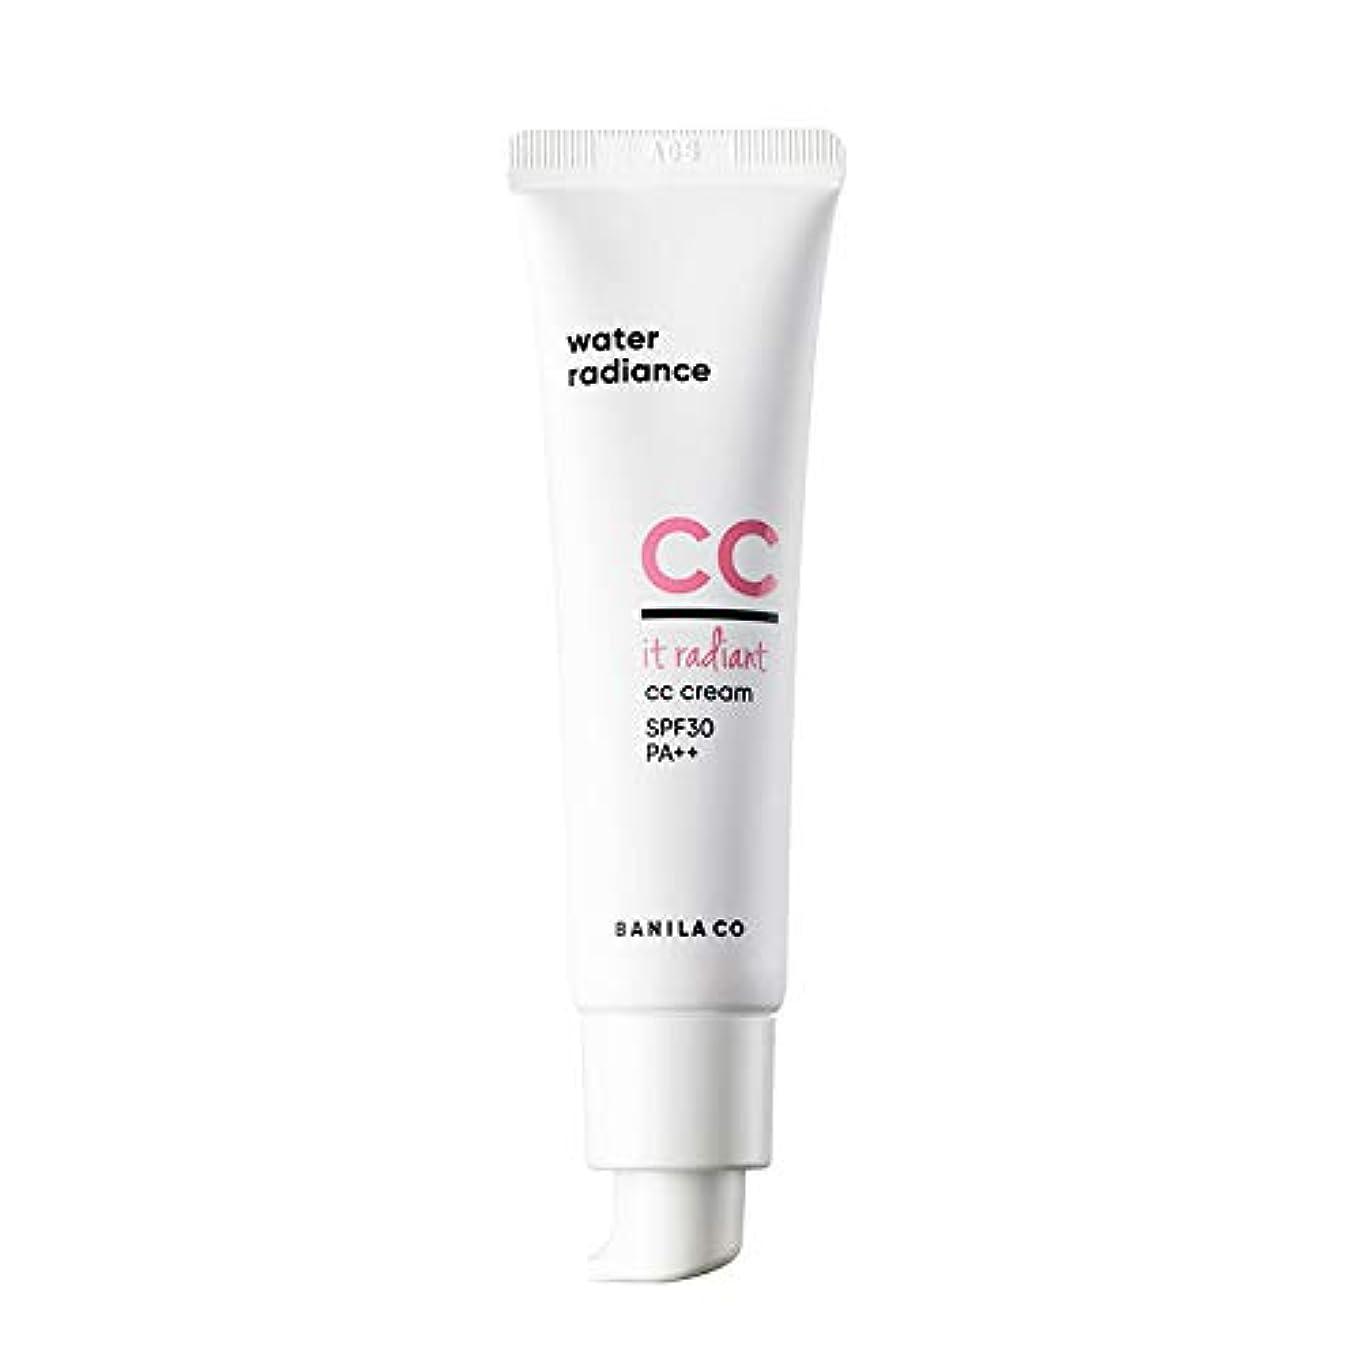 ページェント偽造尋ねるBANILA CO(バニラコ) イットレディアント ccクリーム It Radiant CC Cream